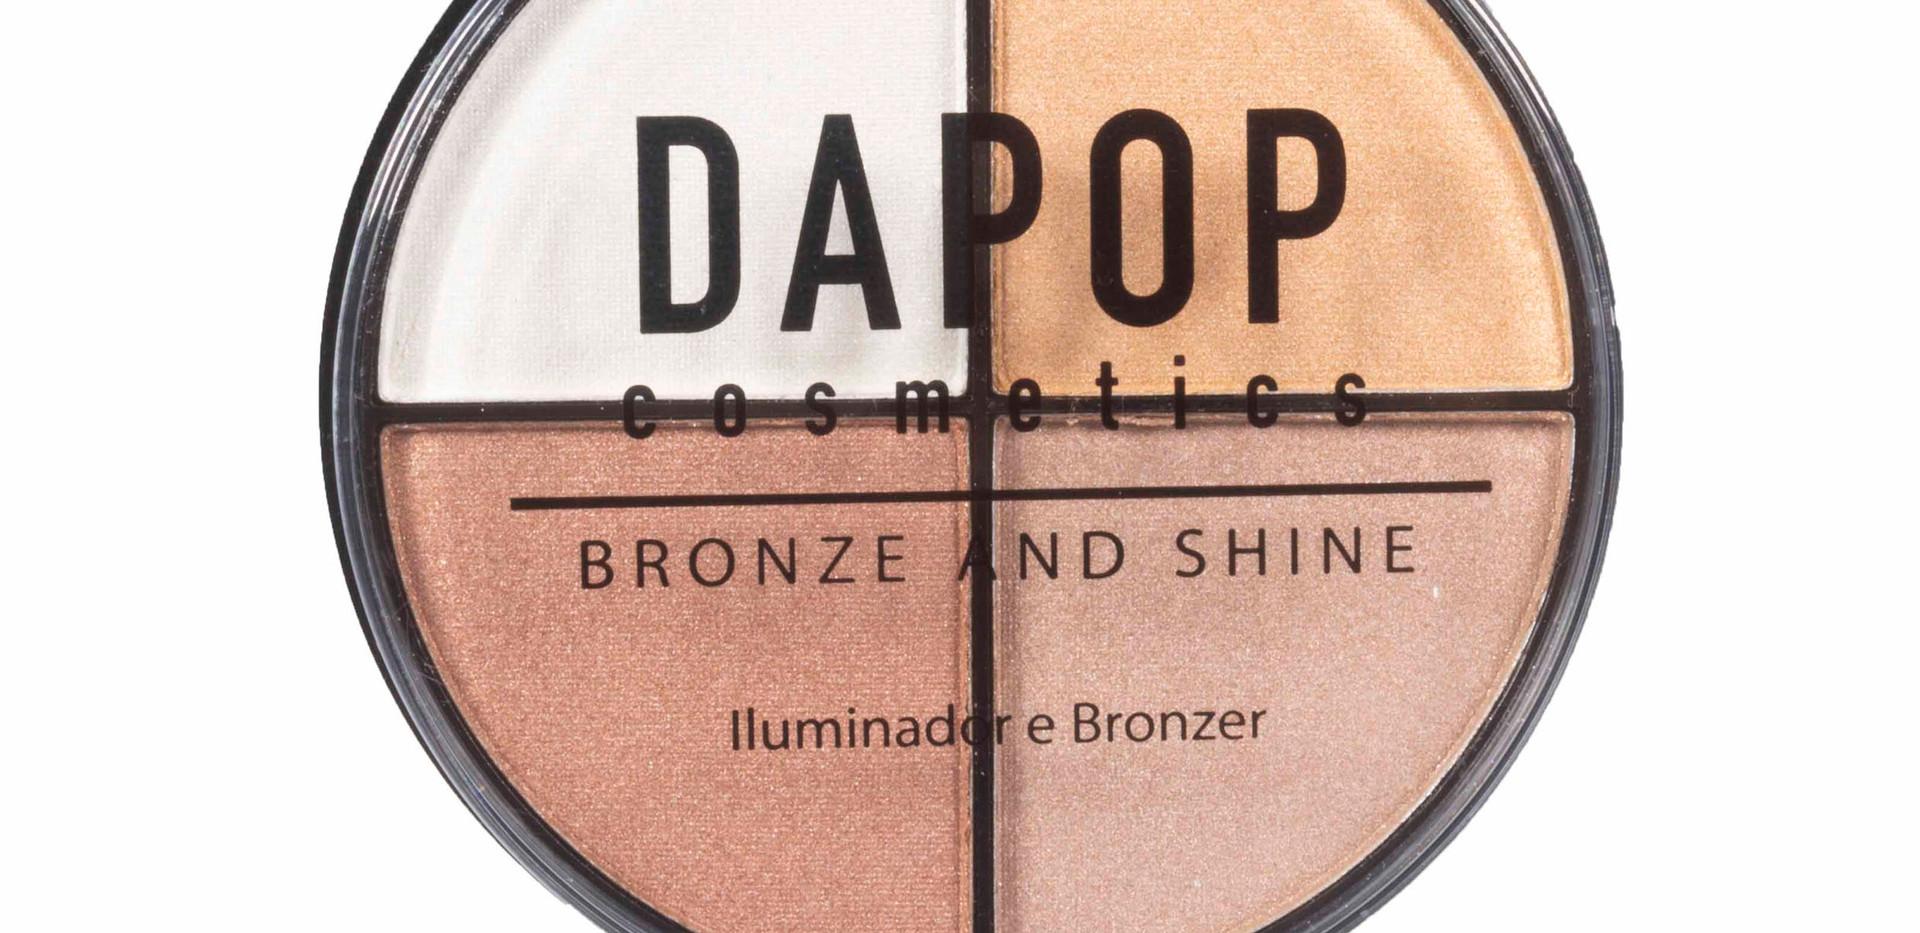 Quarteto de Iluminador e Bronze Dapop - HB96980